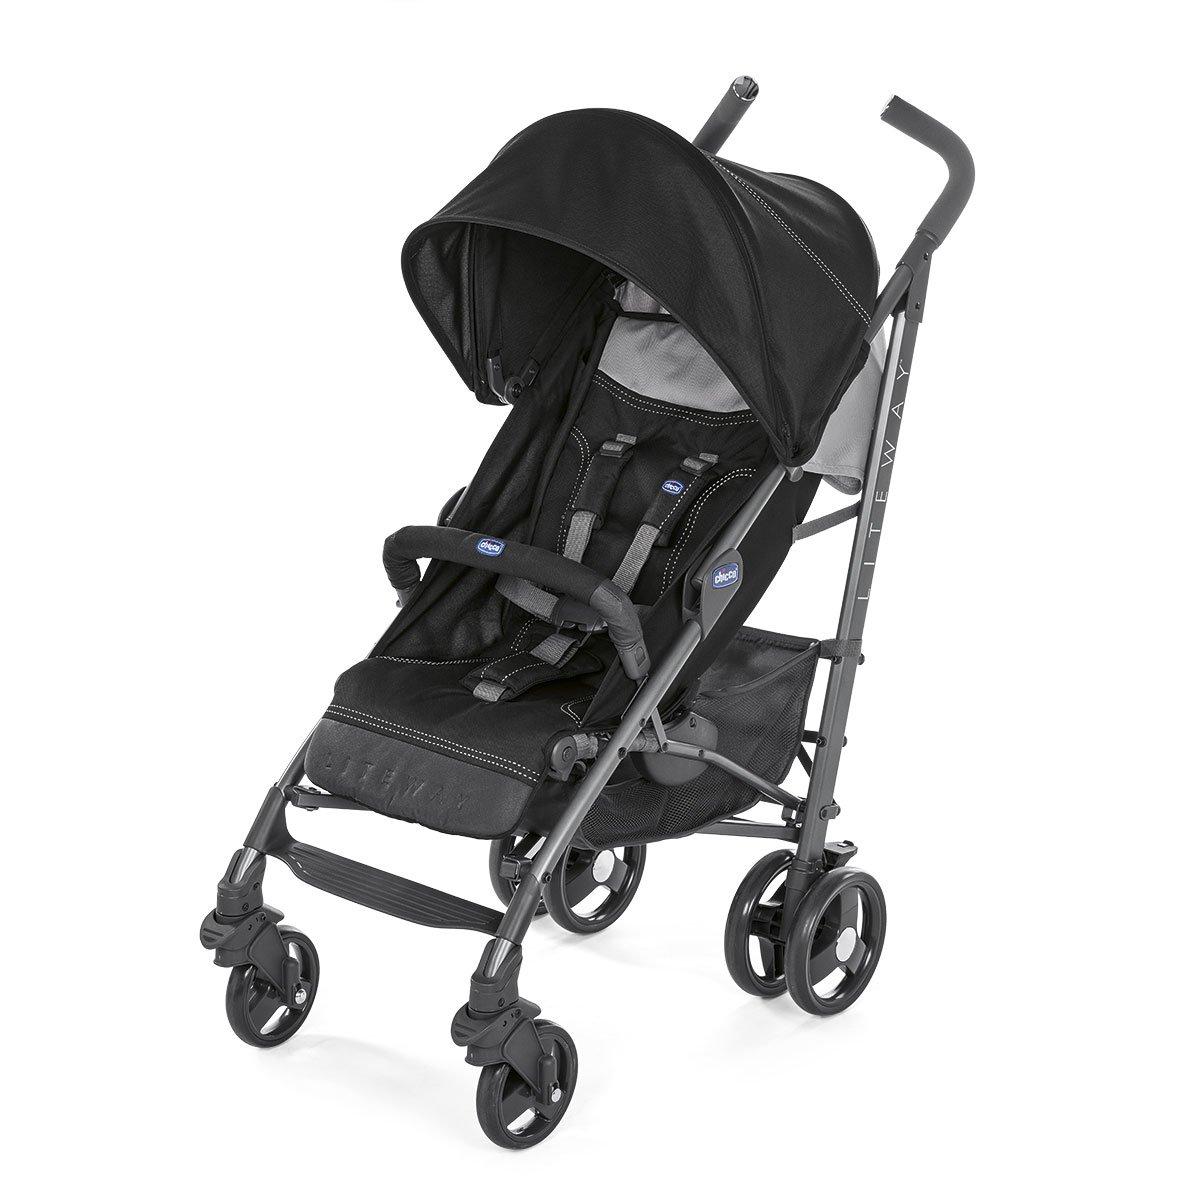 Chicco Liteway 3 - Silla de paseo ligera y compacta, 7,5 kg, color negro 08079596510000